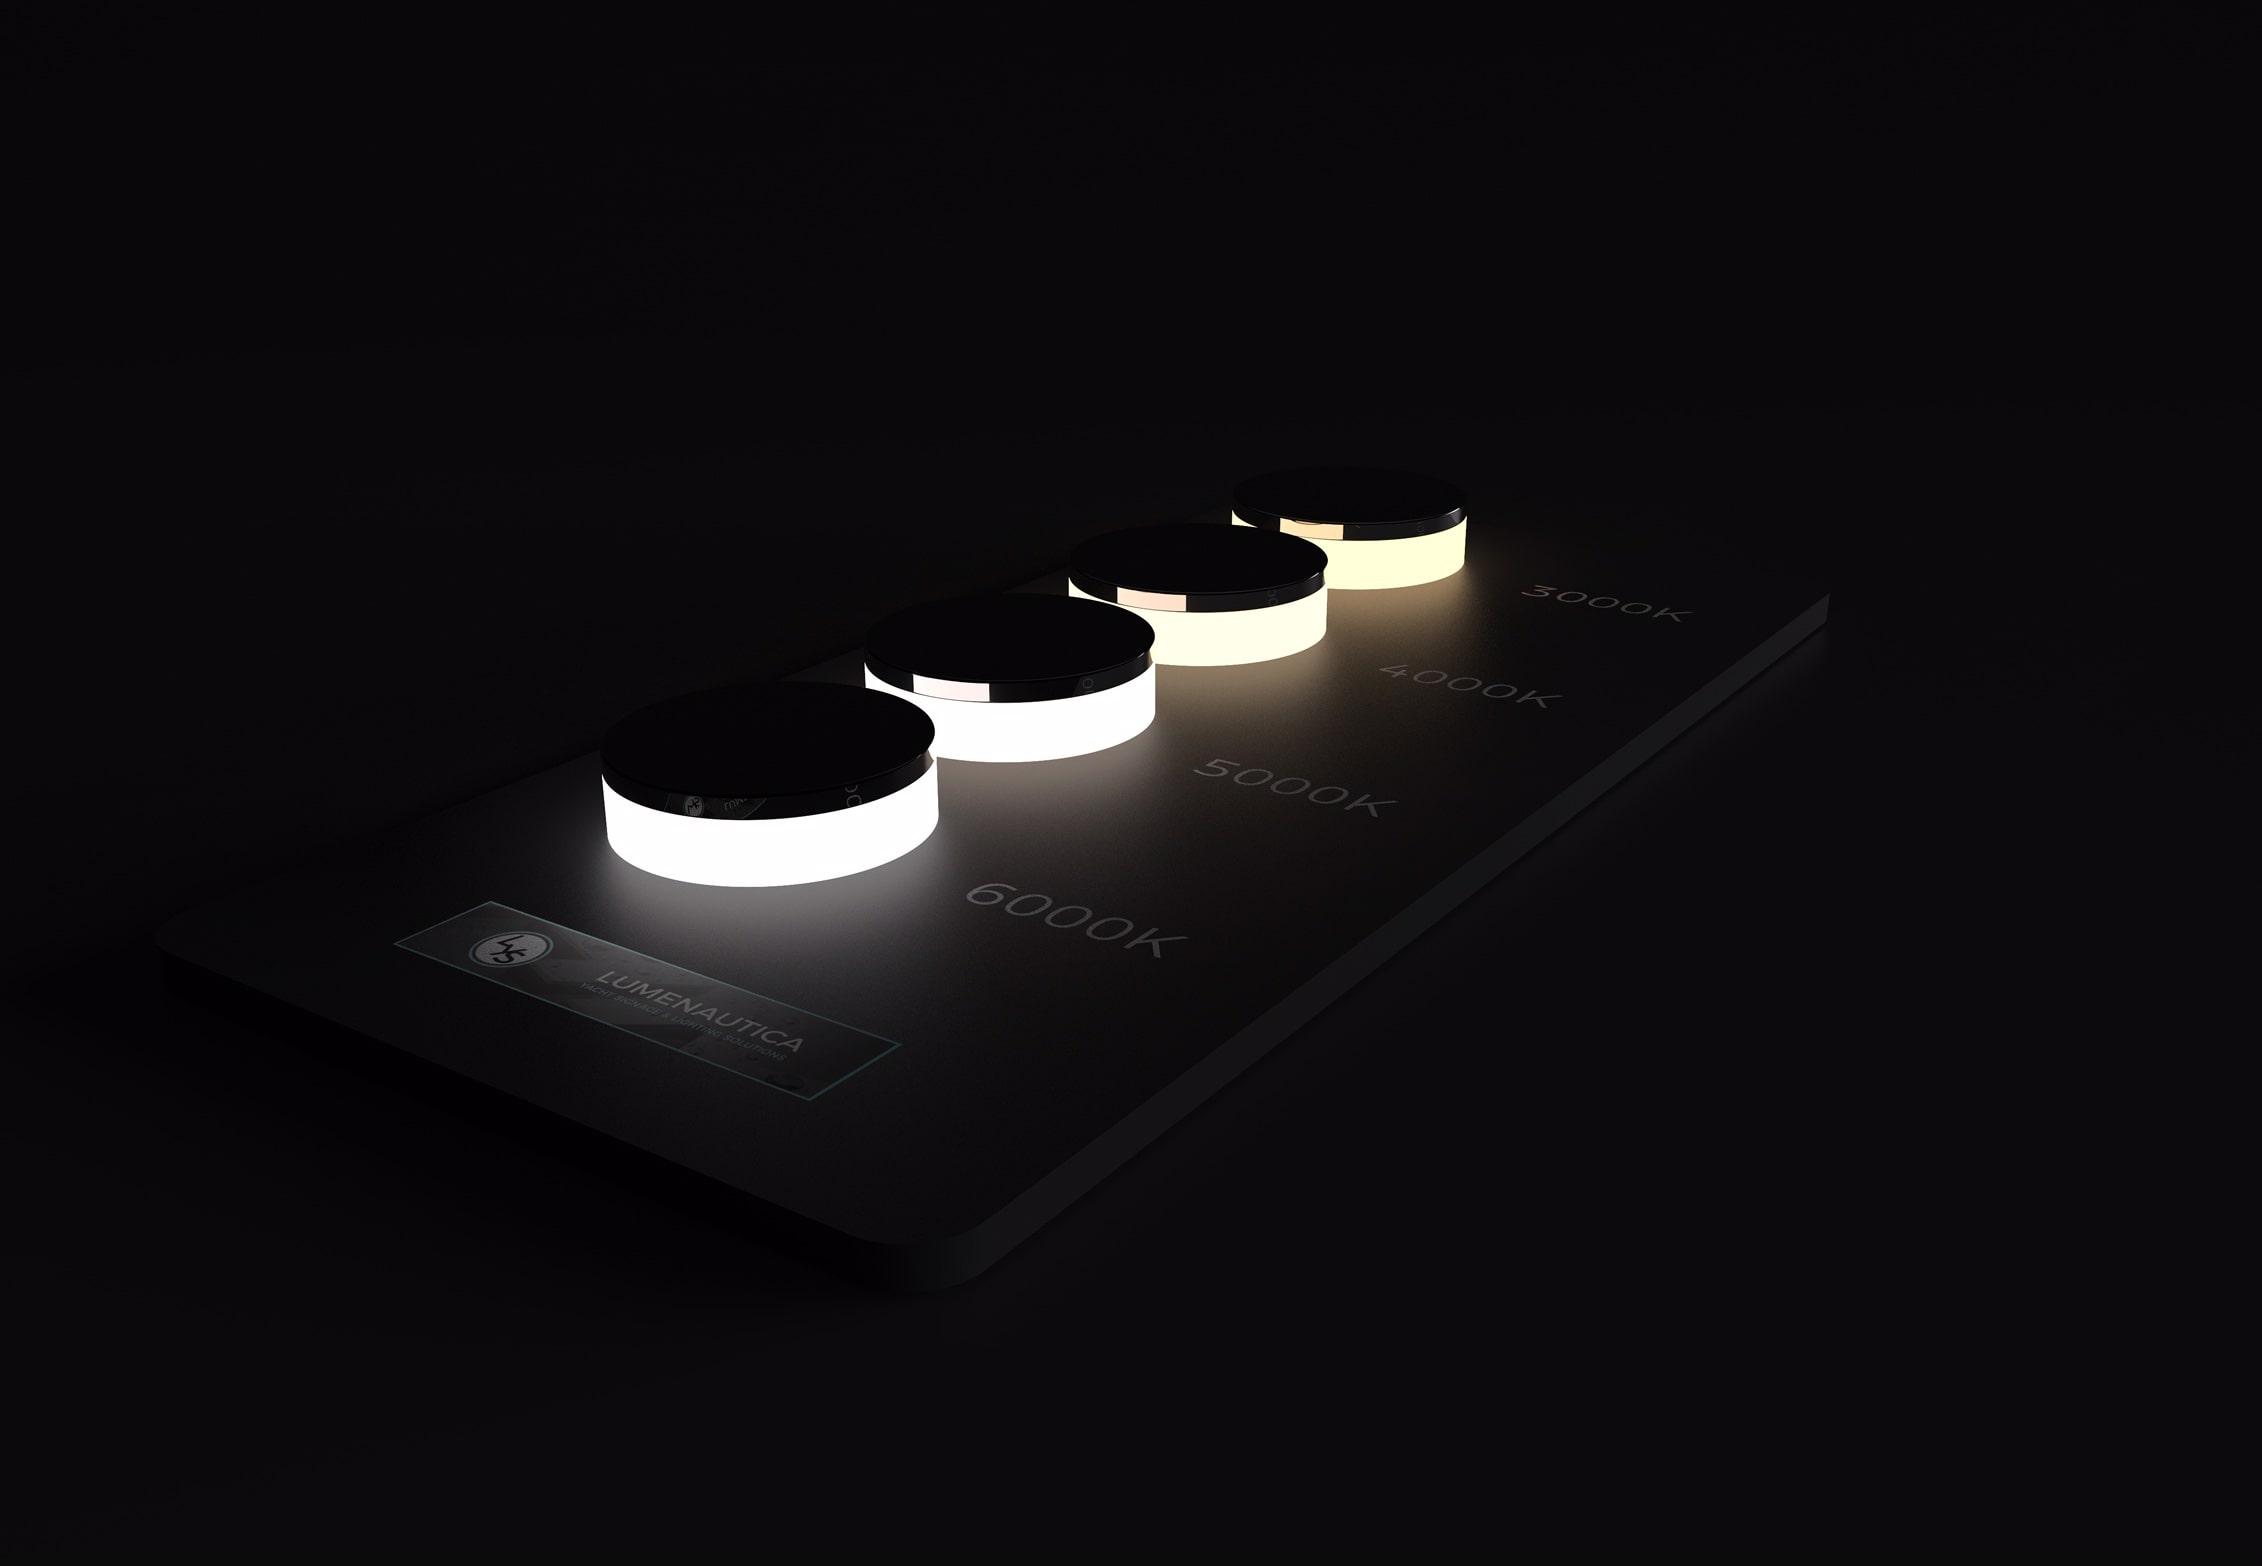 Lumenautica LED Swatches